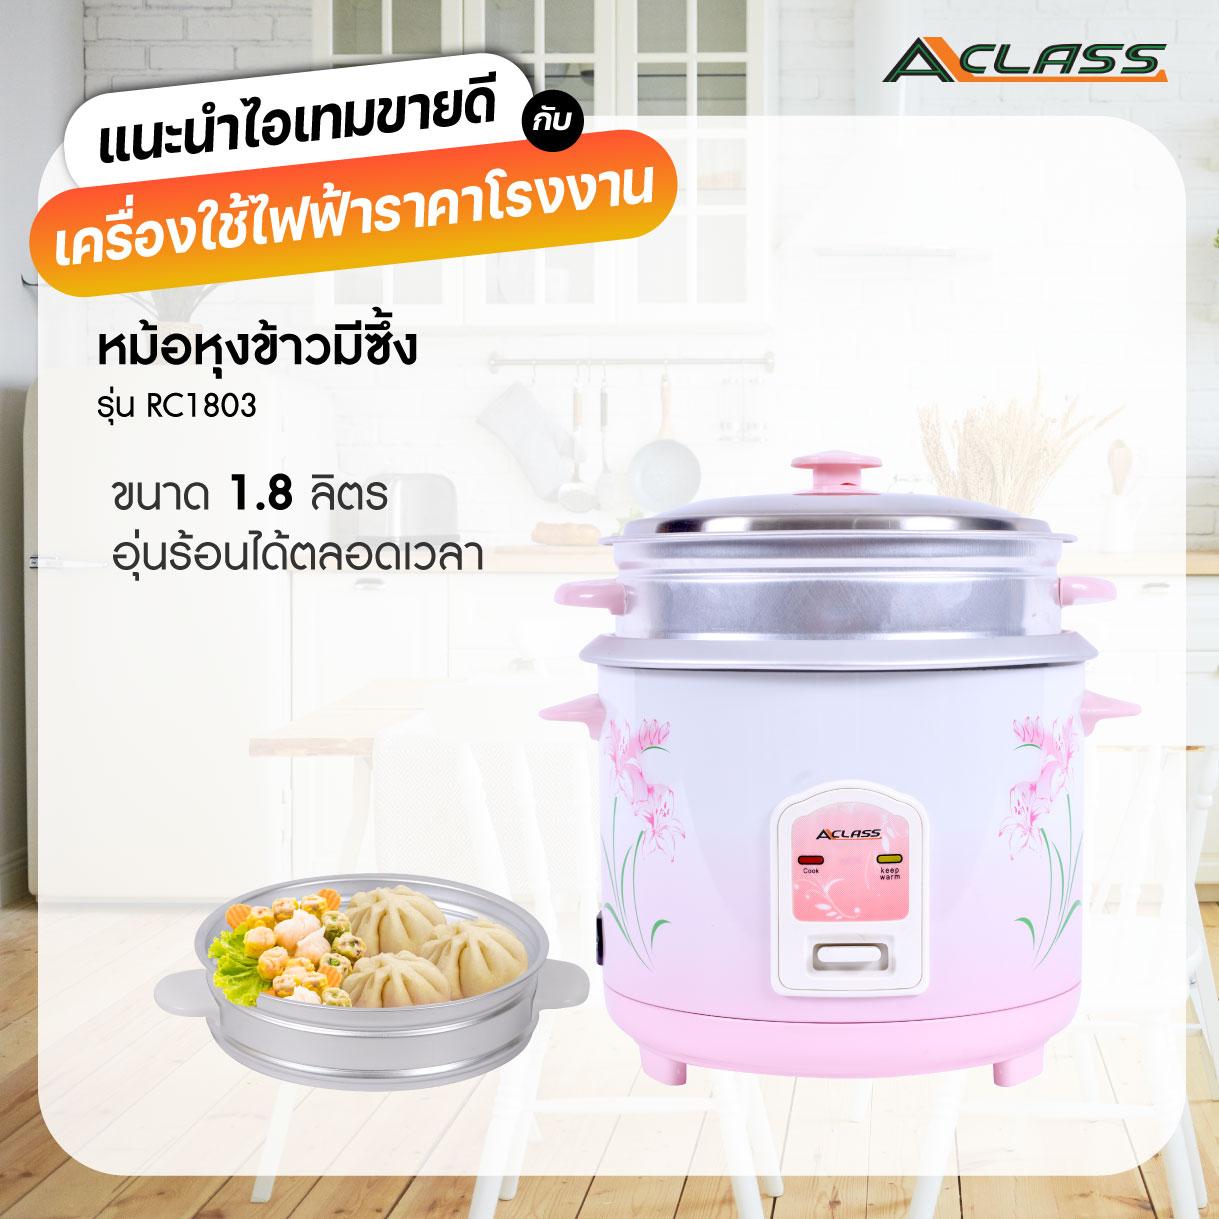 ACLASS หม้อหุงข้าว 1.8 ลิตร รุ่น RC-1803 พร้อมซึงนึ่งอาหาร รับประกันสินค้า2ปี